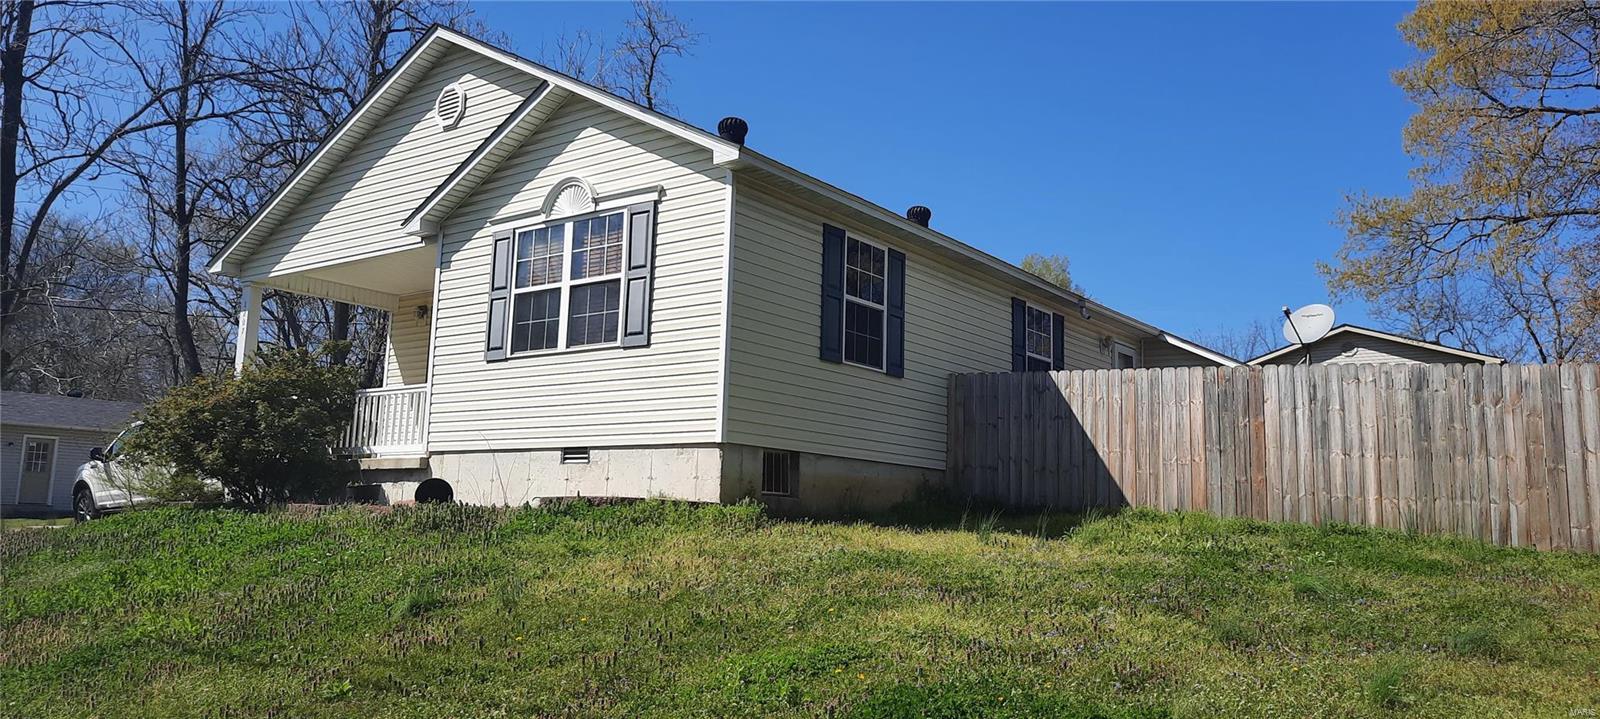 1207 Winnie St. Property Photo